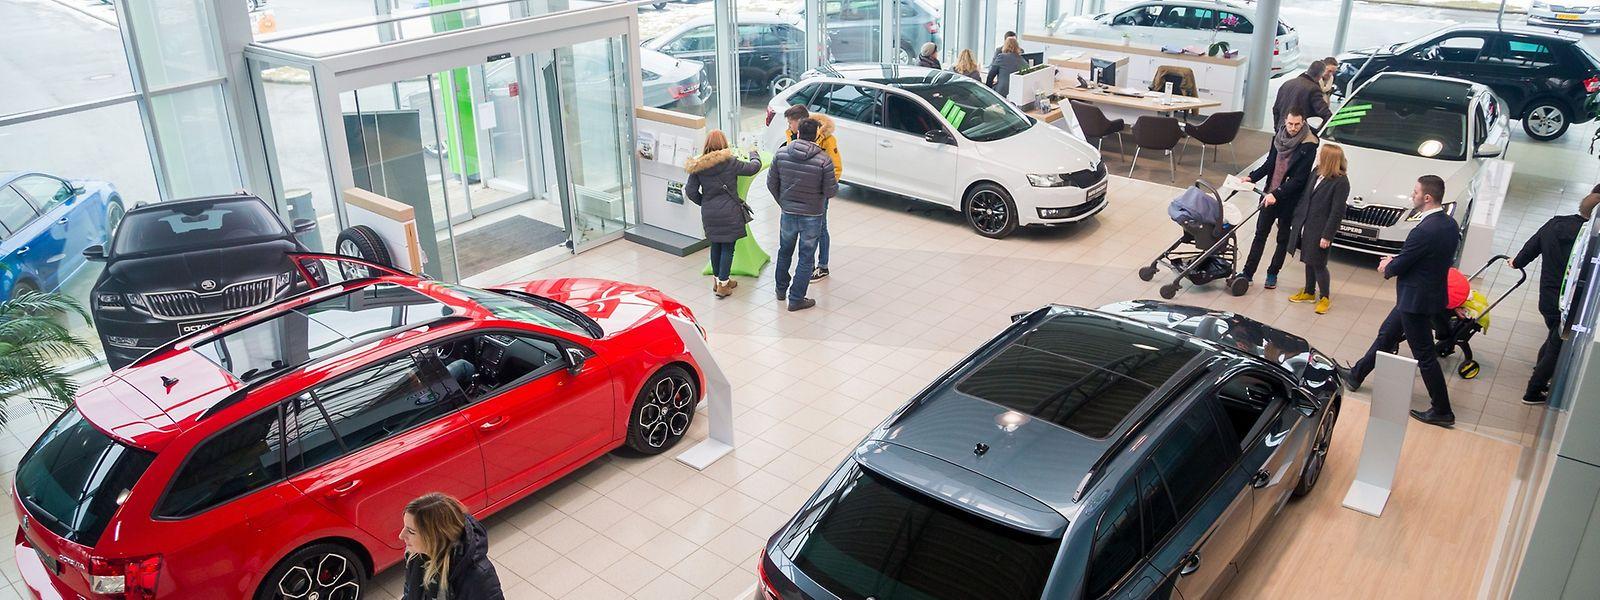 Les visiteurs de l'Autofestival ont montré un intérêt plus marqué pour les véhicules respectueux de l'environnement.